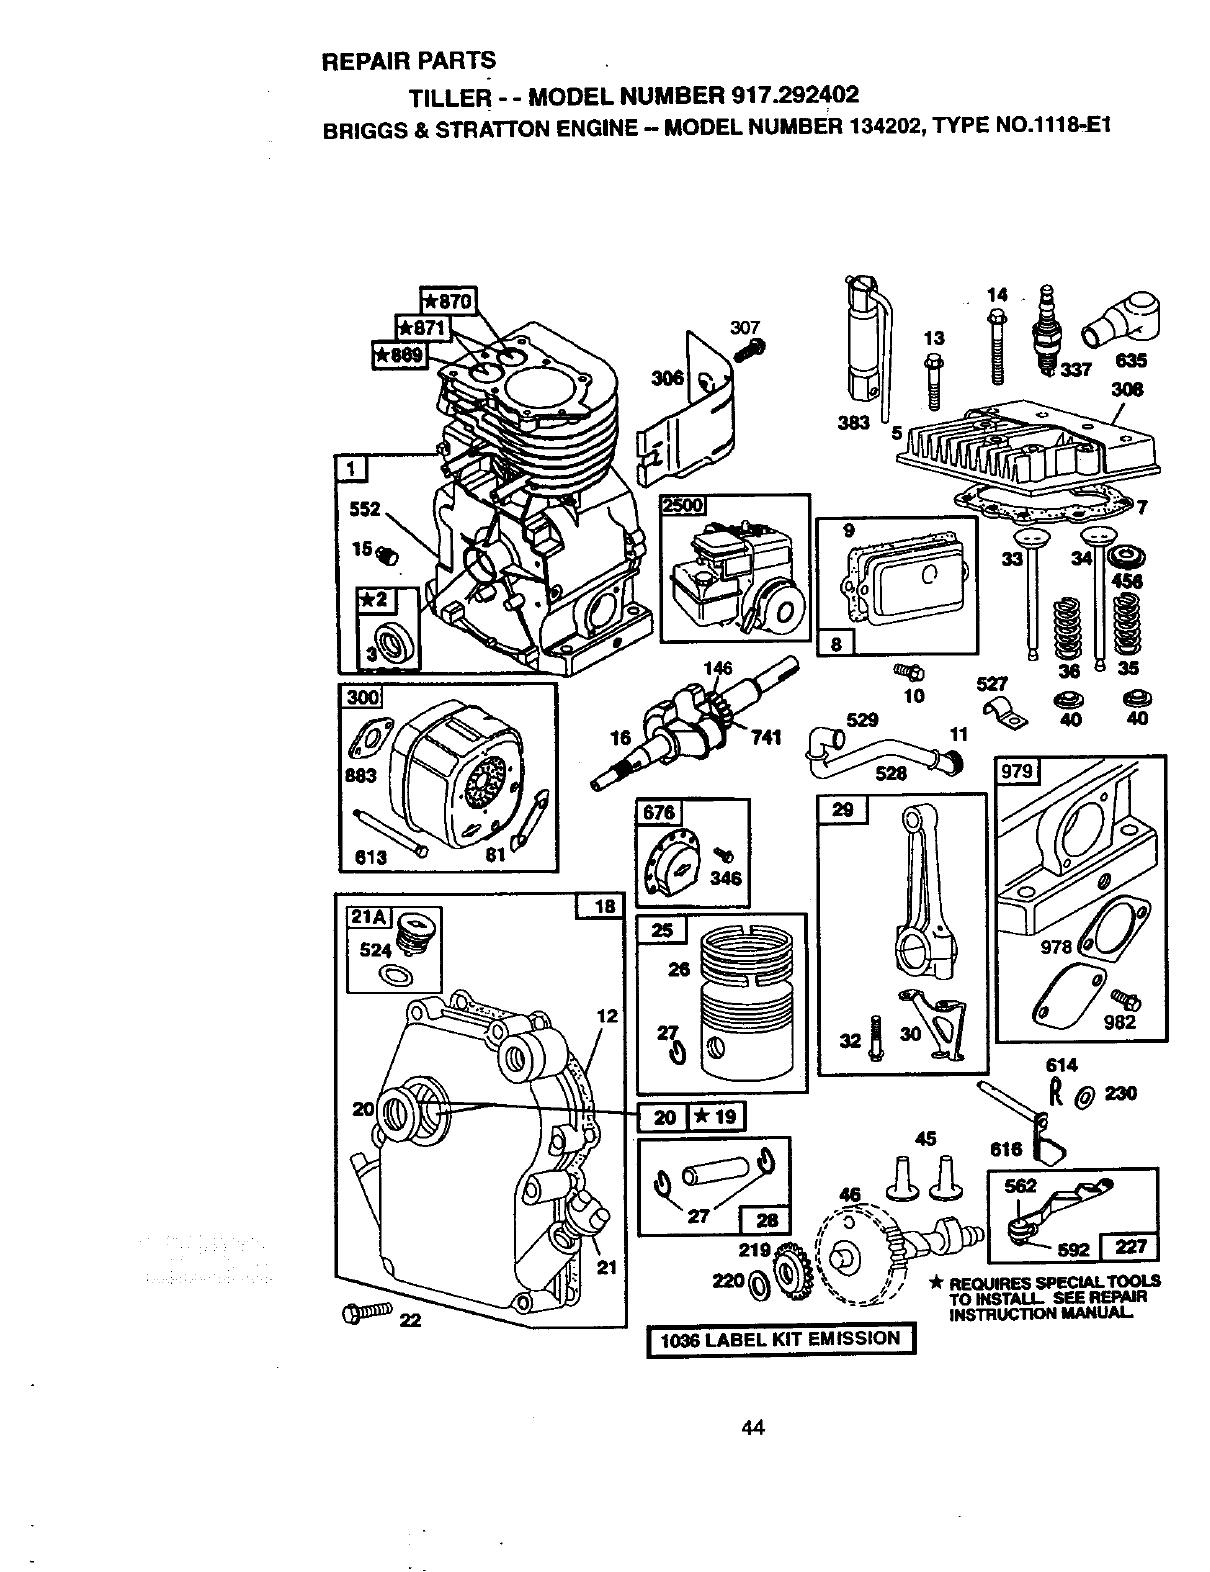 Page 25 of Craftsman Tiller 917.292402 User Guide